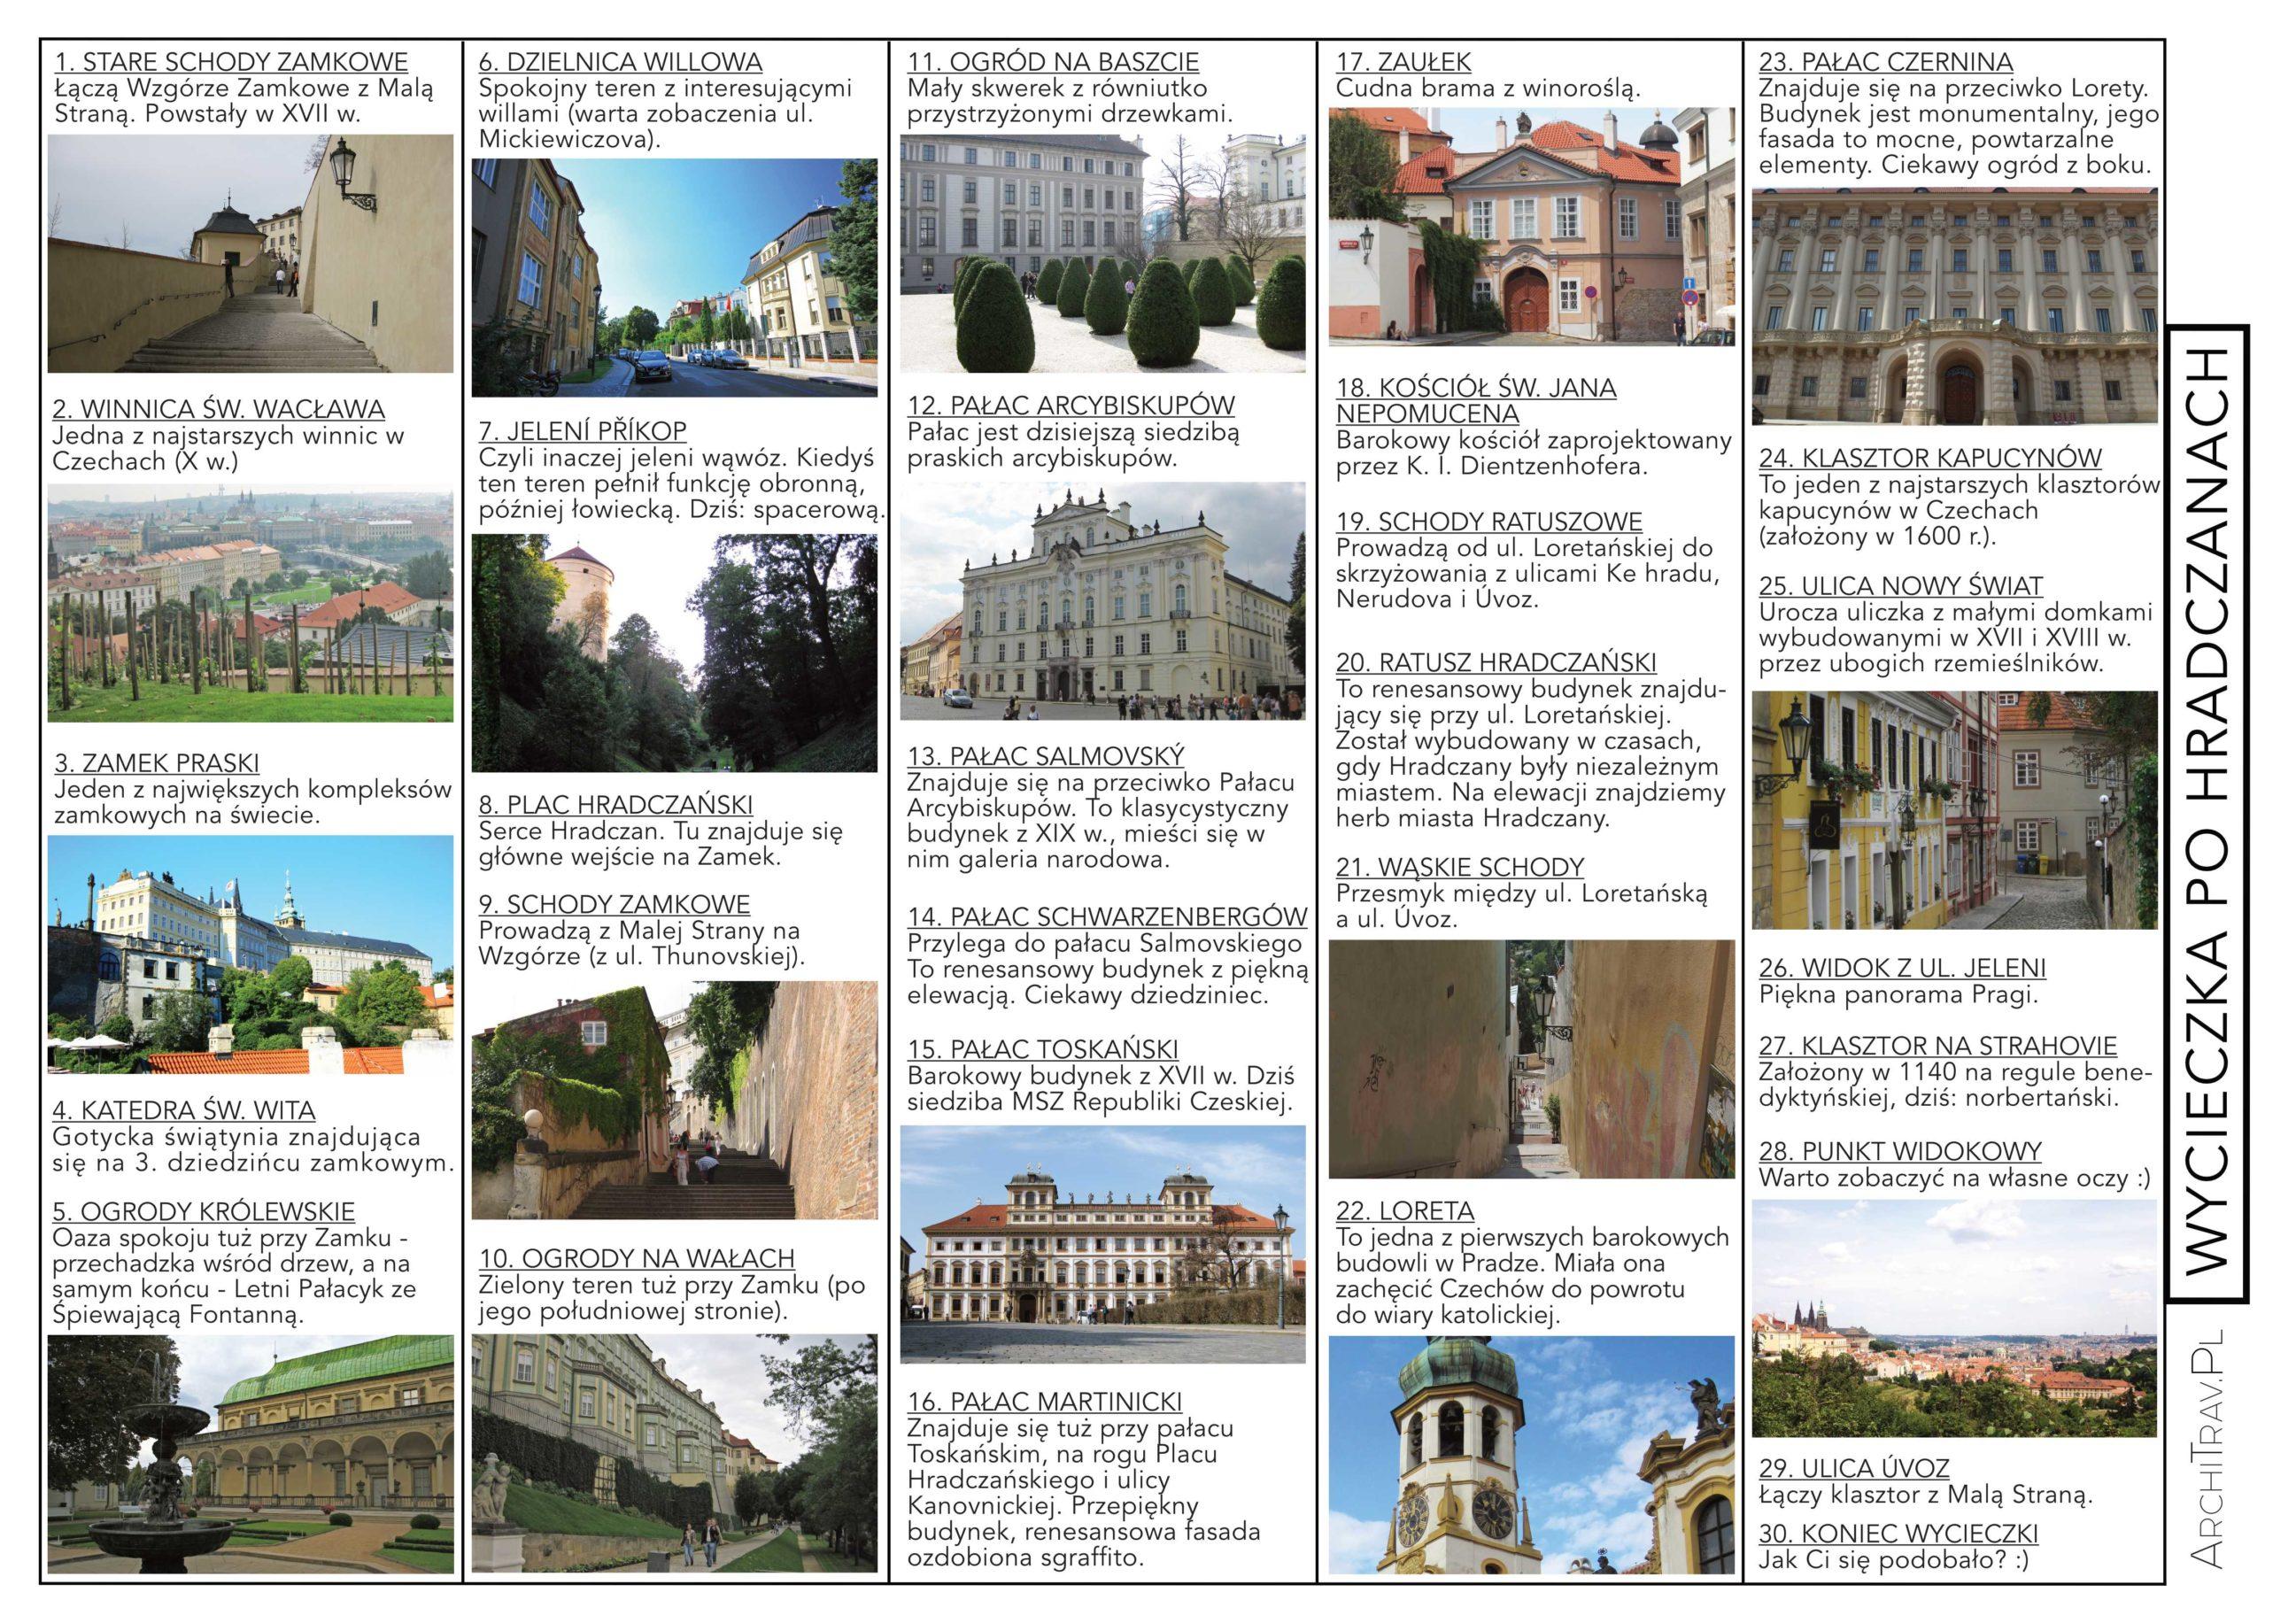 Skrypt - wykaz poszczególnych miejsc na trasie wycieczki po Hradczanach w Pradze